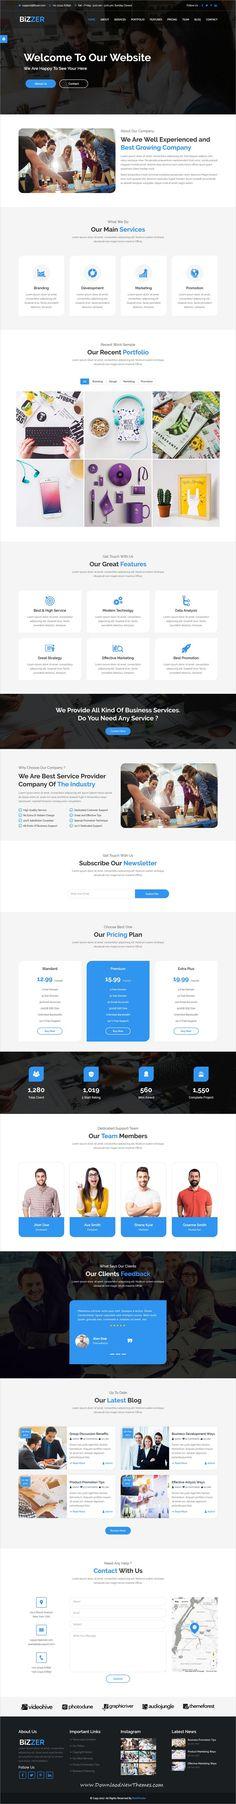 Welding Responsive Website Template | New Website Templates ...